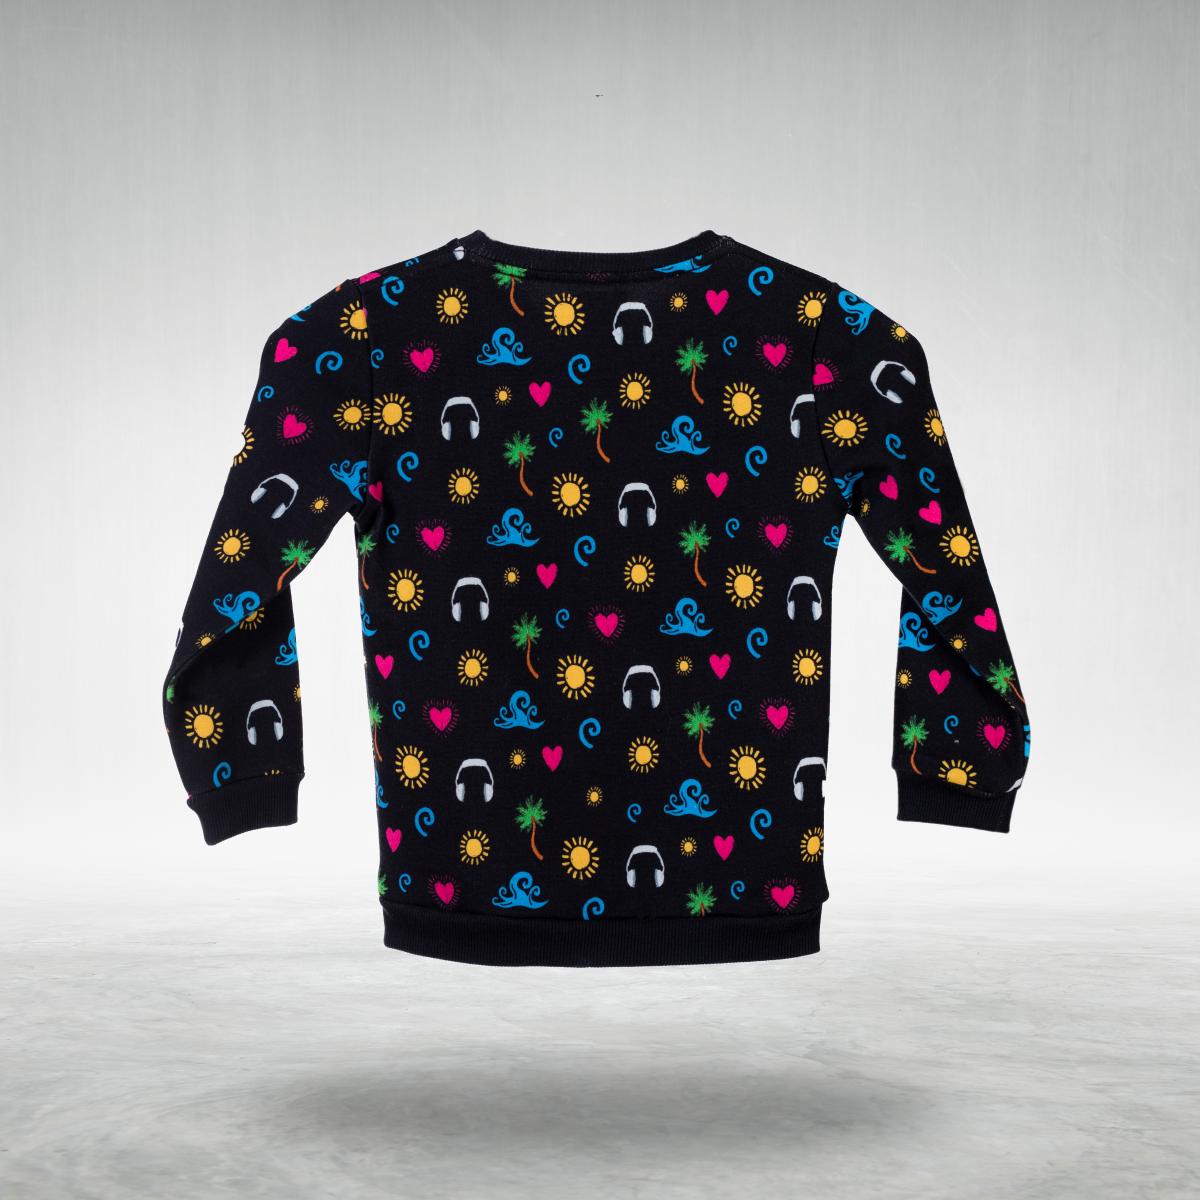 Girls Outwear - Sweater